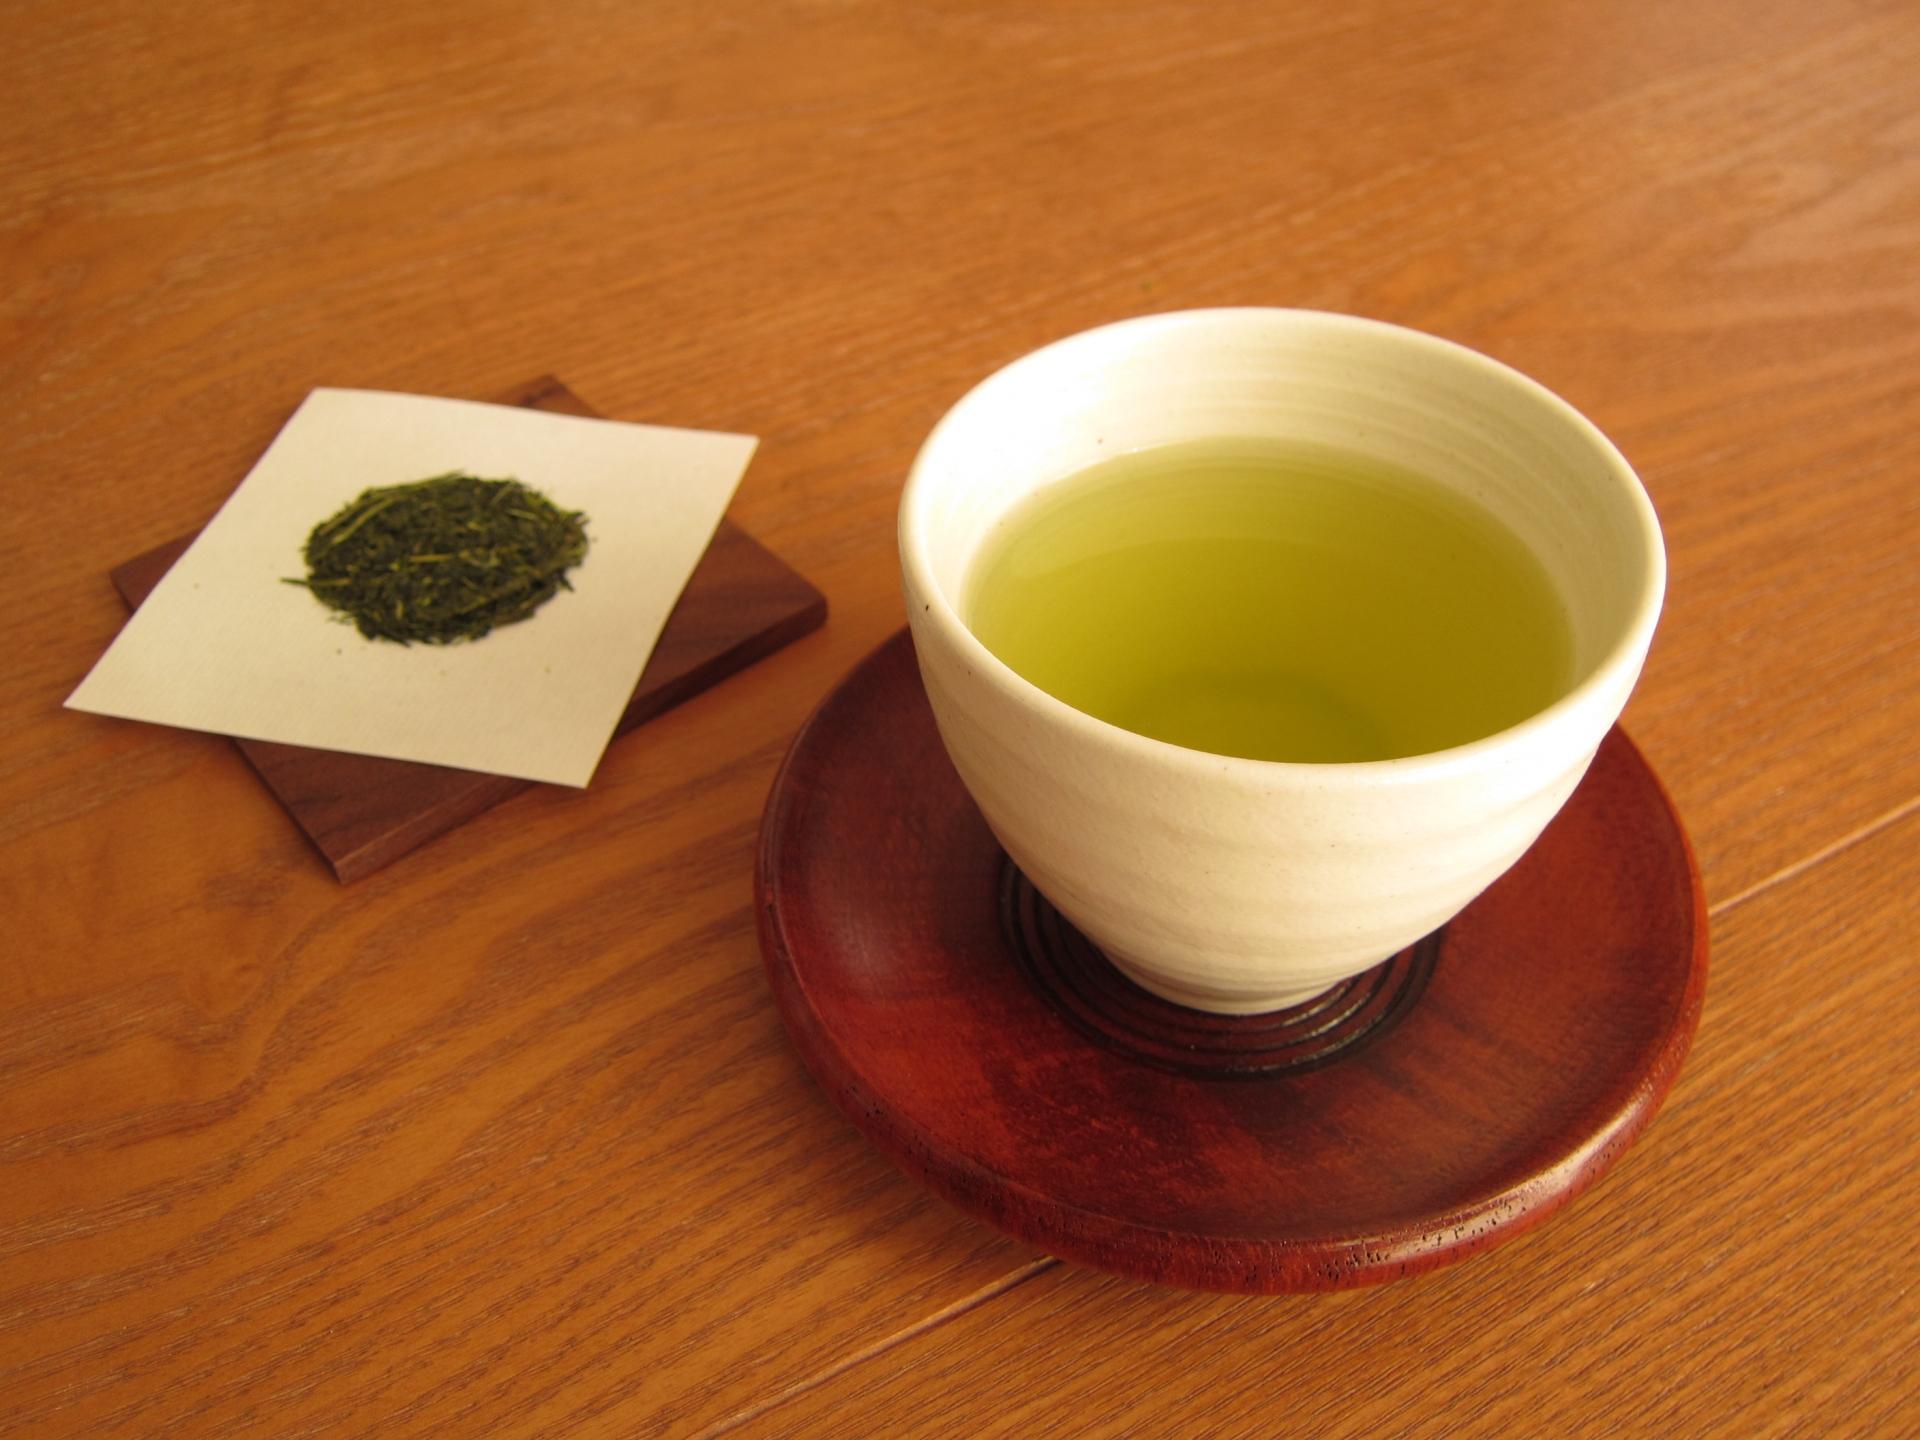 新入社員が顔面蒼白! 取引先でお茶を飲んだら「相手の条件を全部飲む」という意味?